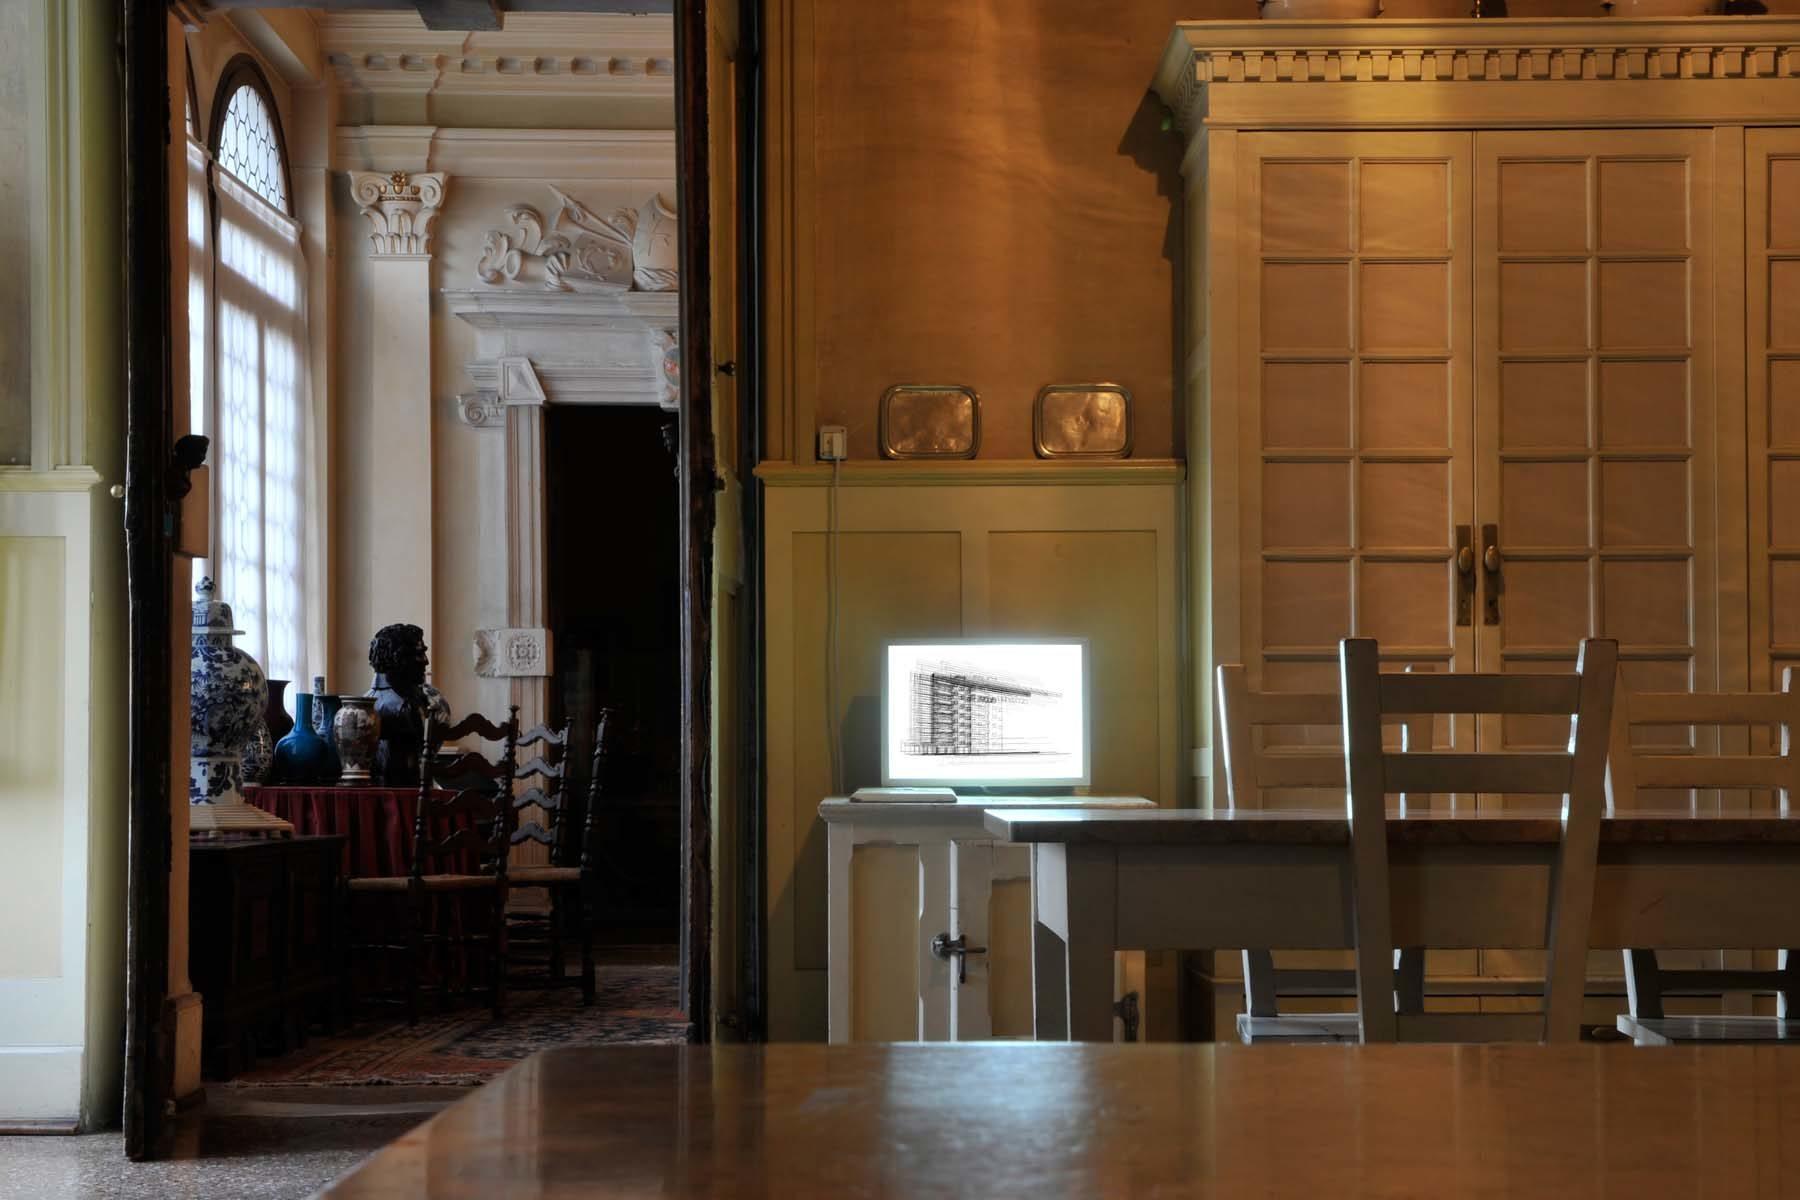 G. Dell'Antonia, Mentre cammino si spostano i luoghi, 2009, lightbox, 30 x 45 cm, ph. U. Egger